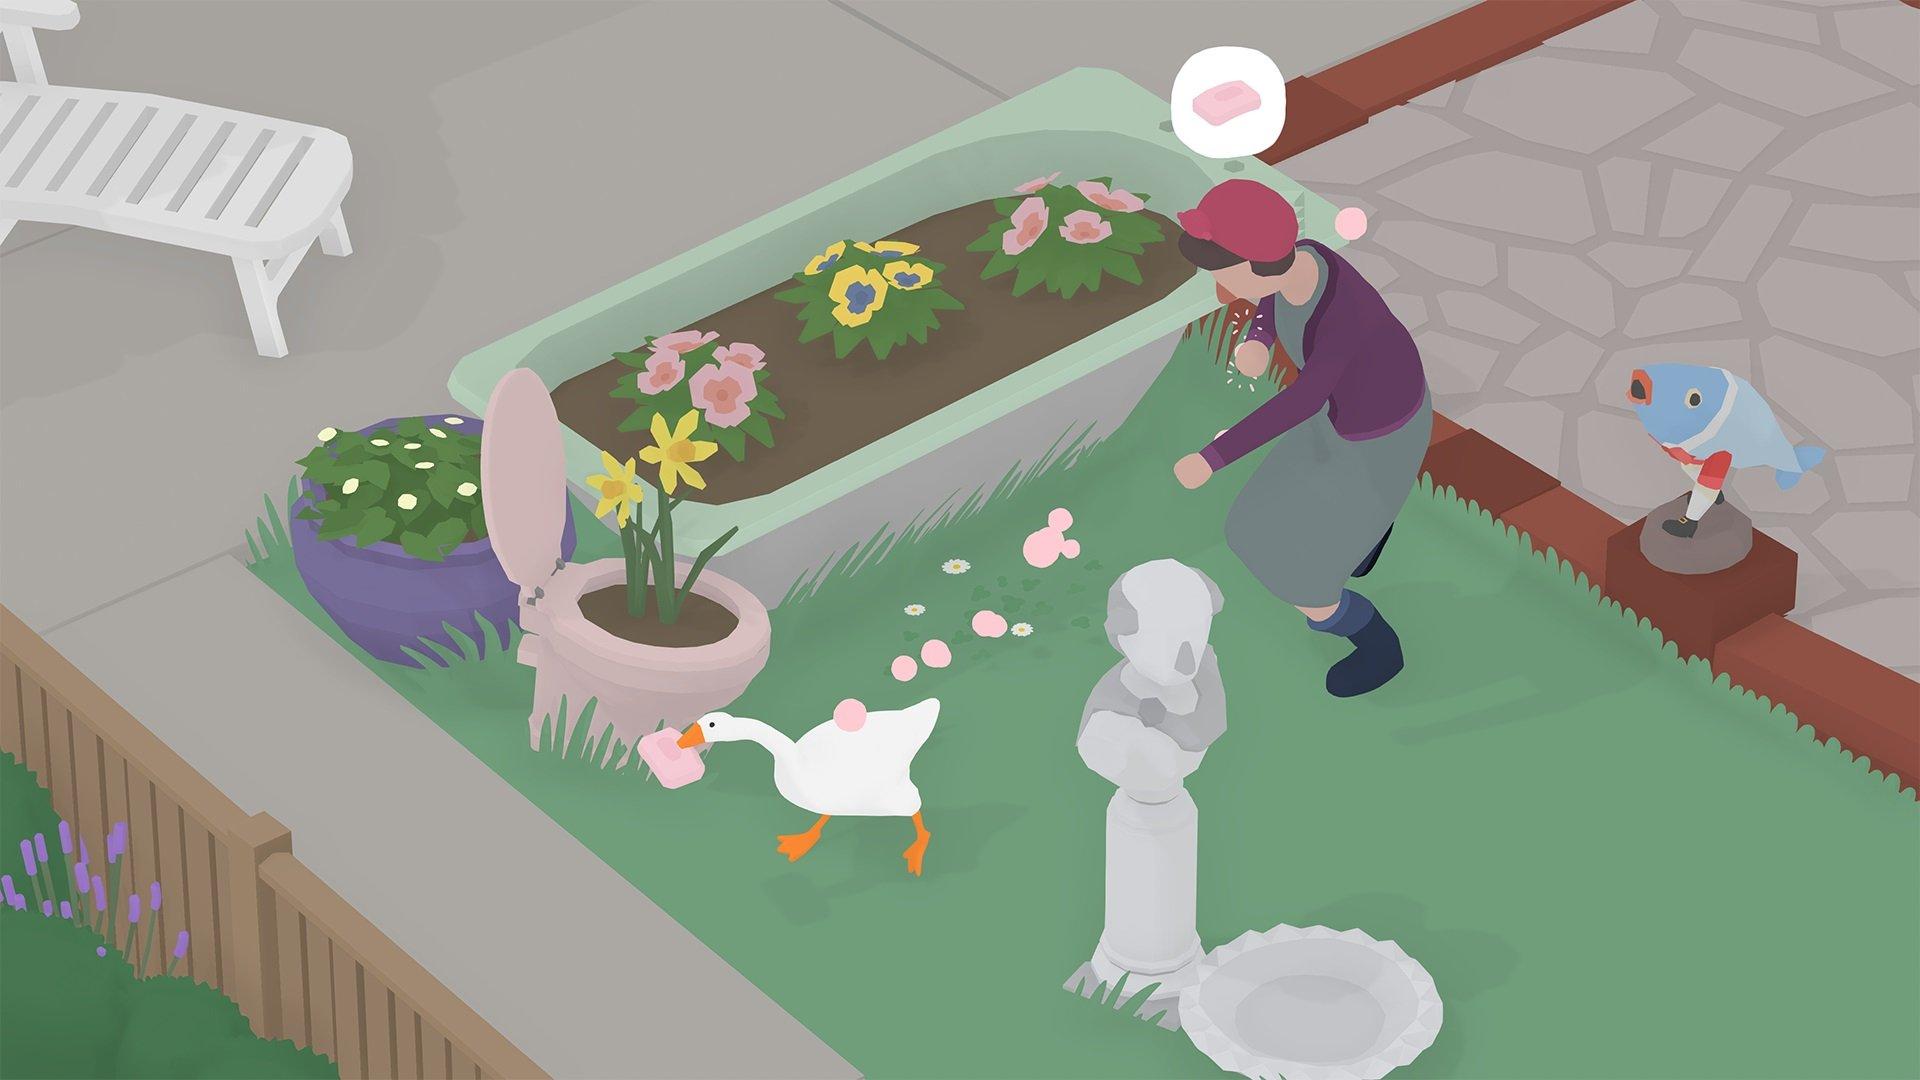 Untitled Goose Game sort sur Switch, EGS en septembre.